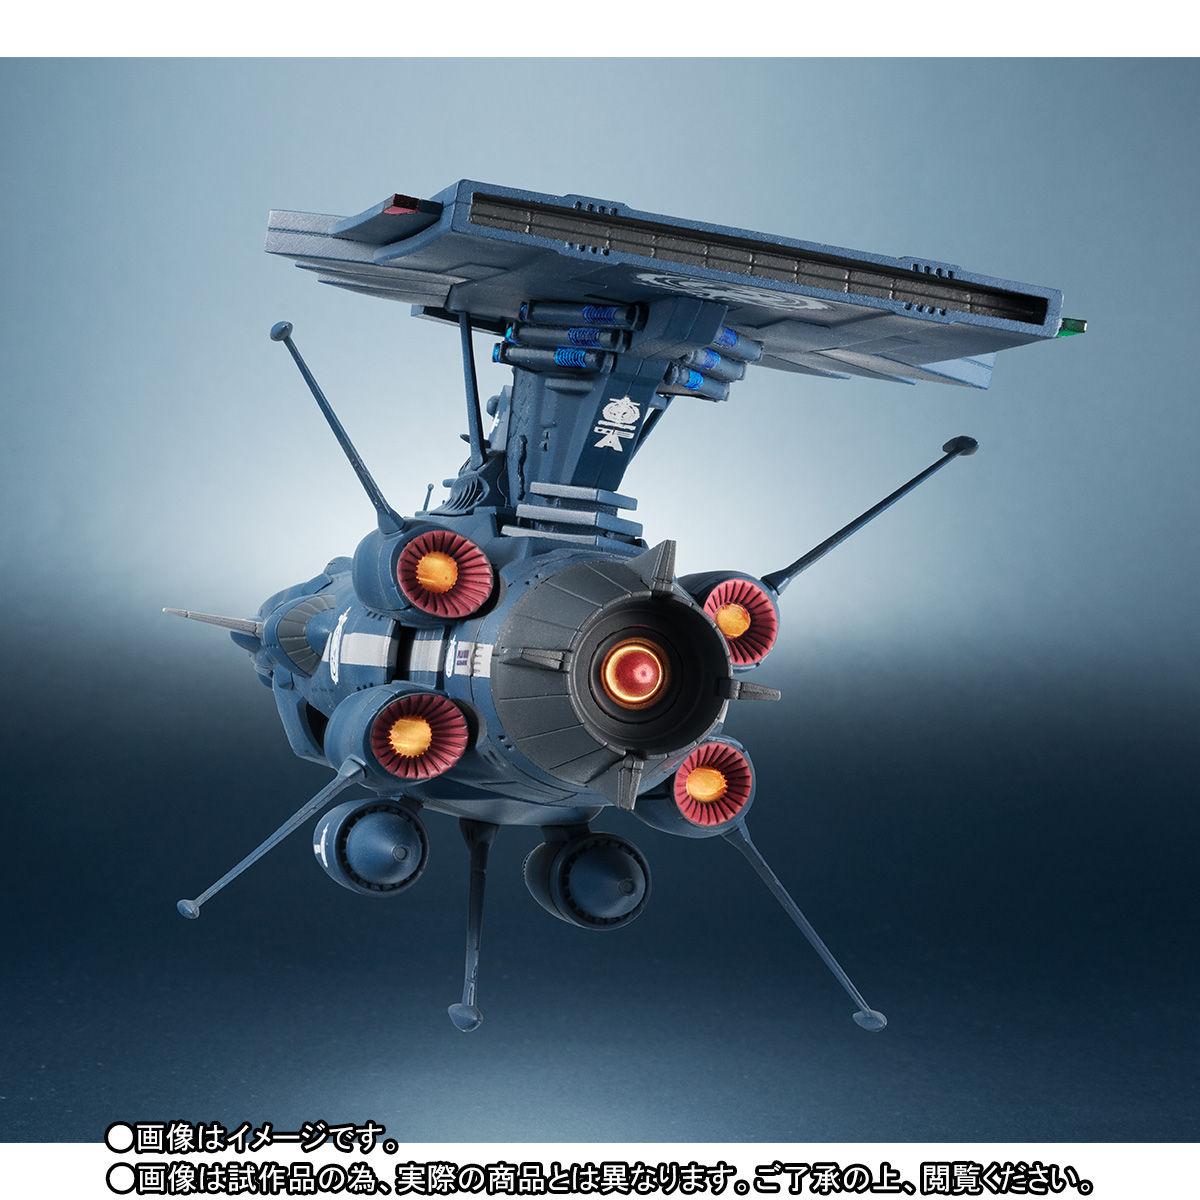 輝艦大全『地球連邦アンドロメダ級三番艦 アポロノーム 宇宙戦艦ヤマト2202』1/2000 完成品モデル-003